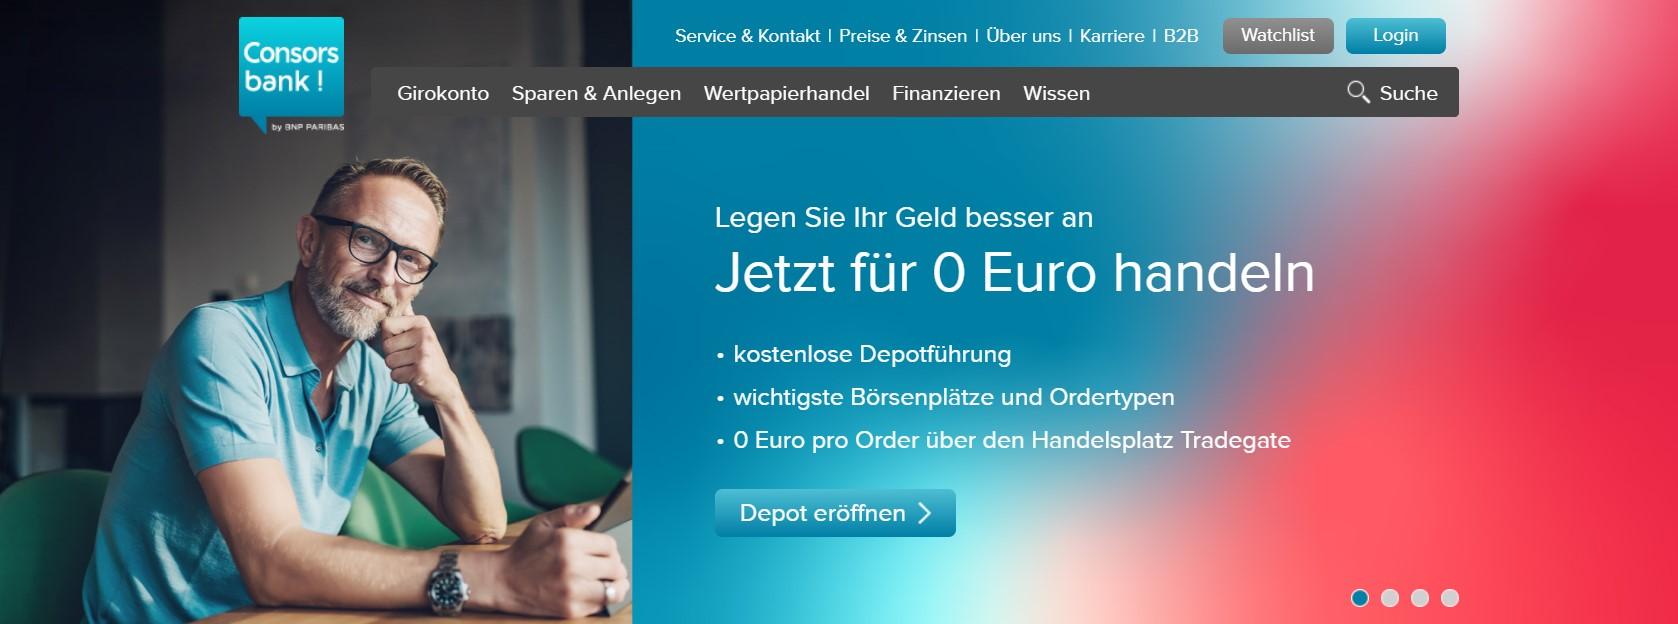 Bei der Consorsbank für 0 Euro Aktien handeln